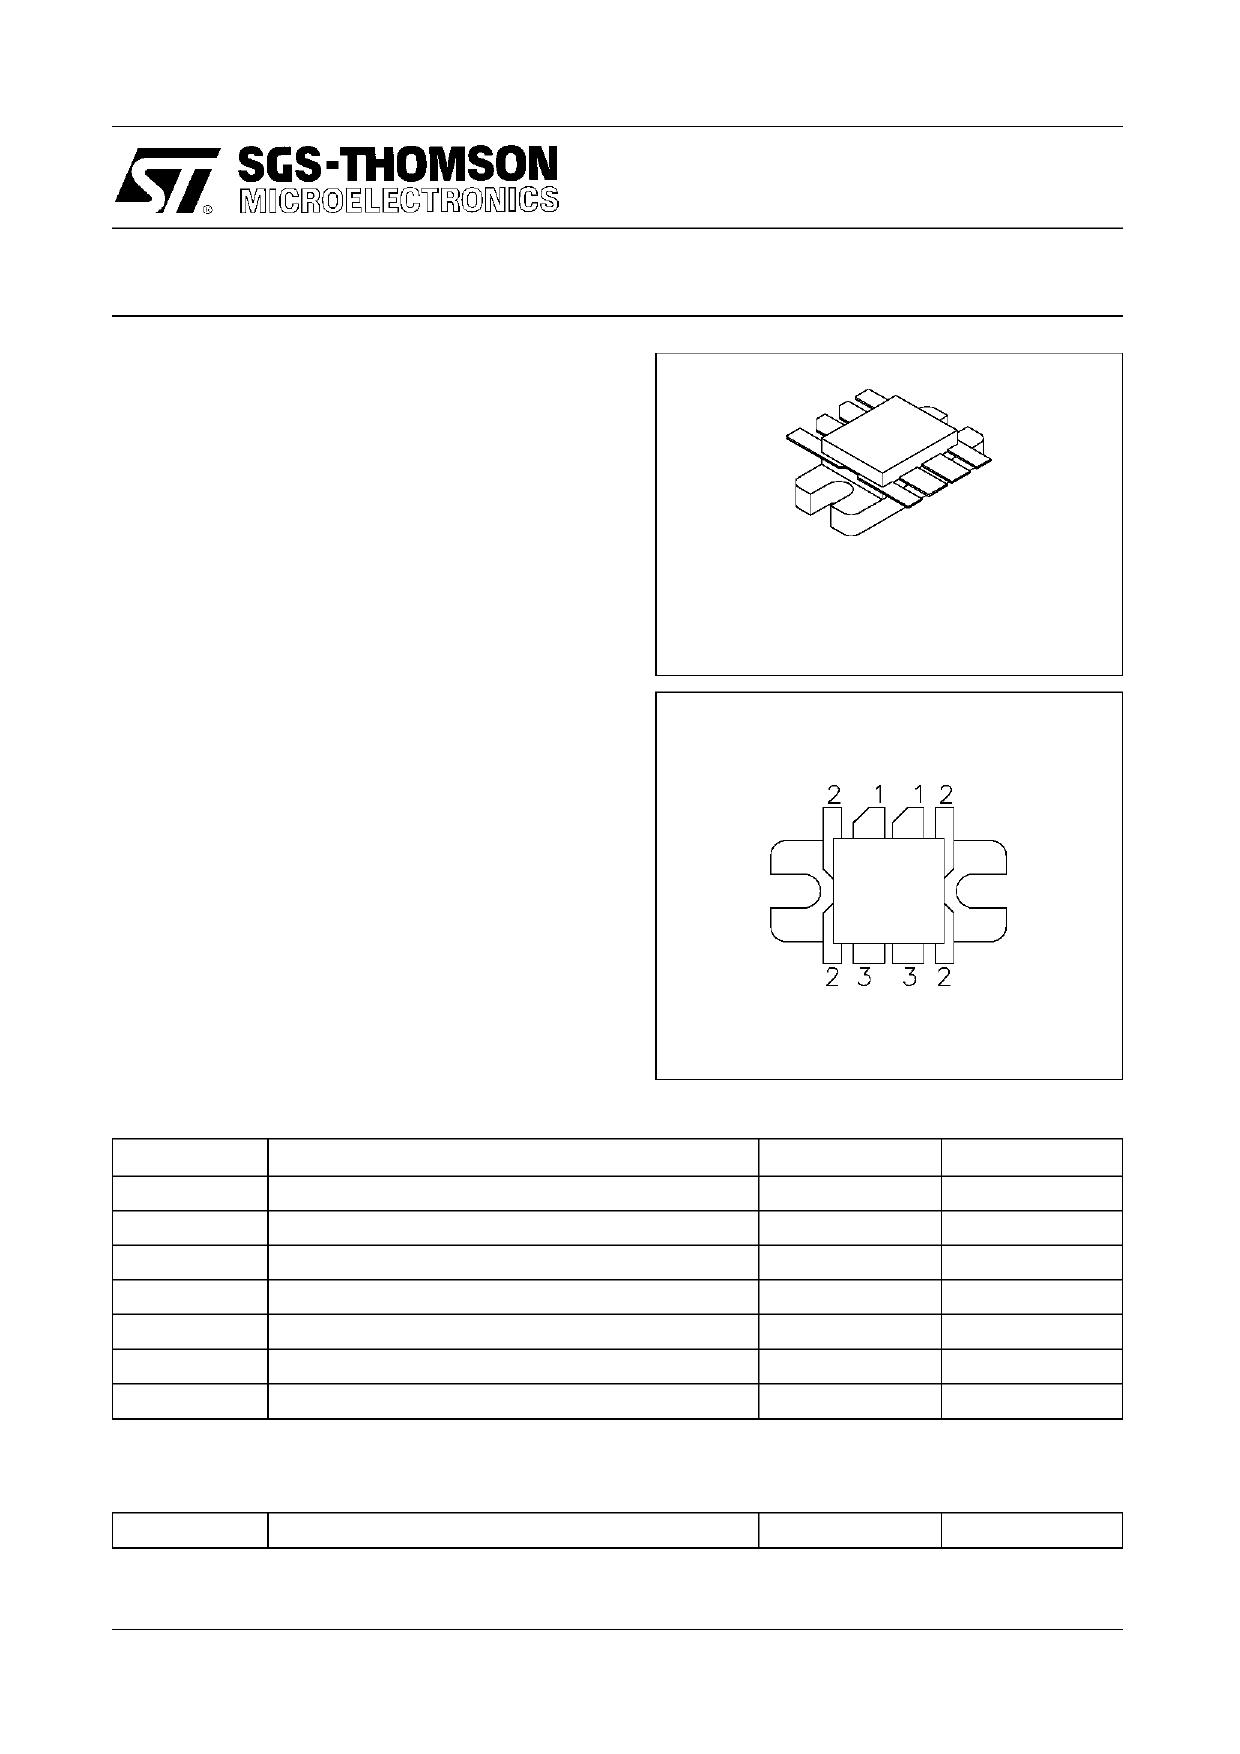 SD1463 datasheet, circuit